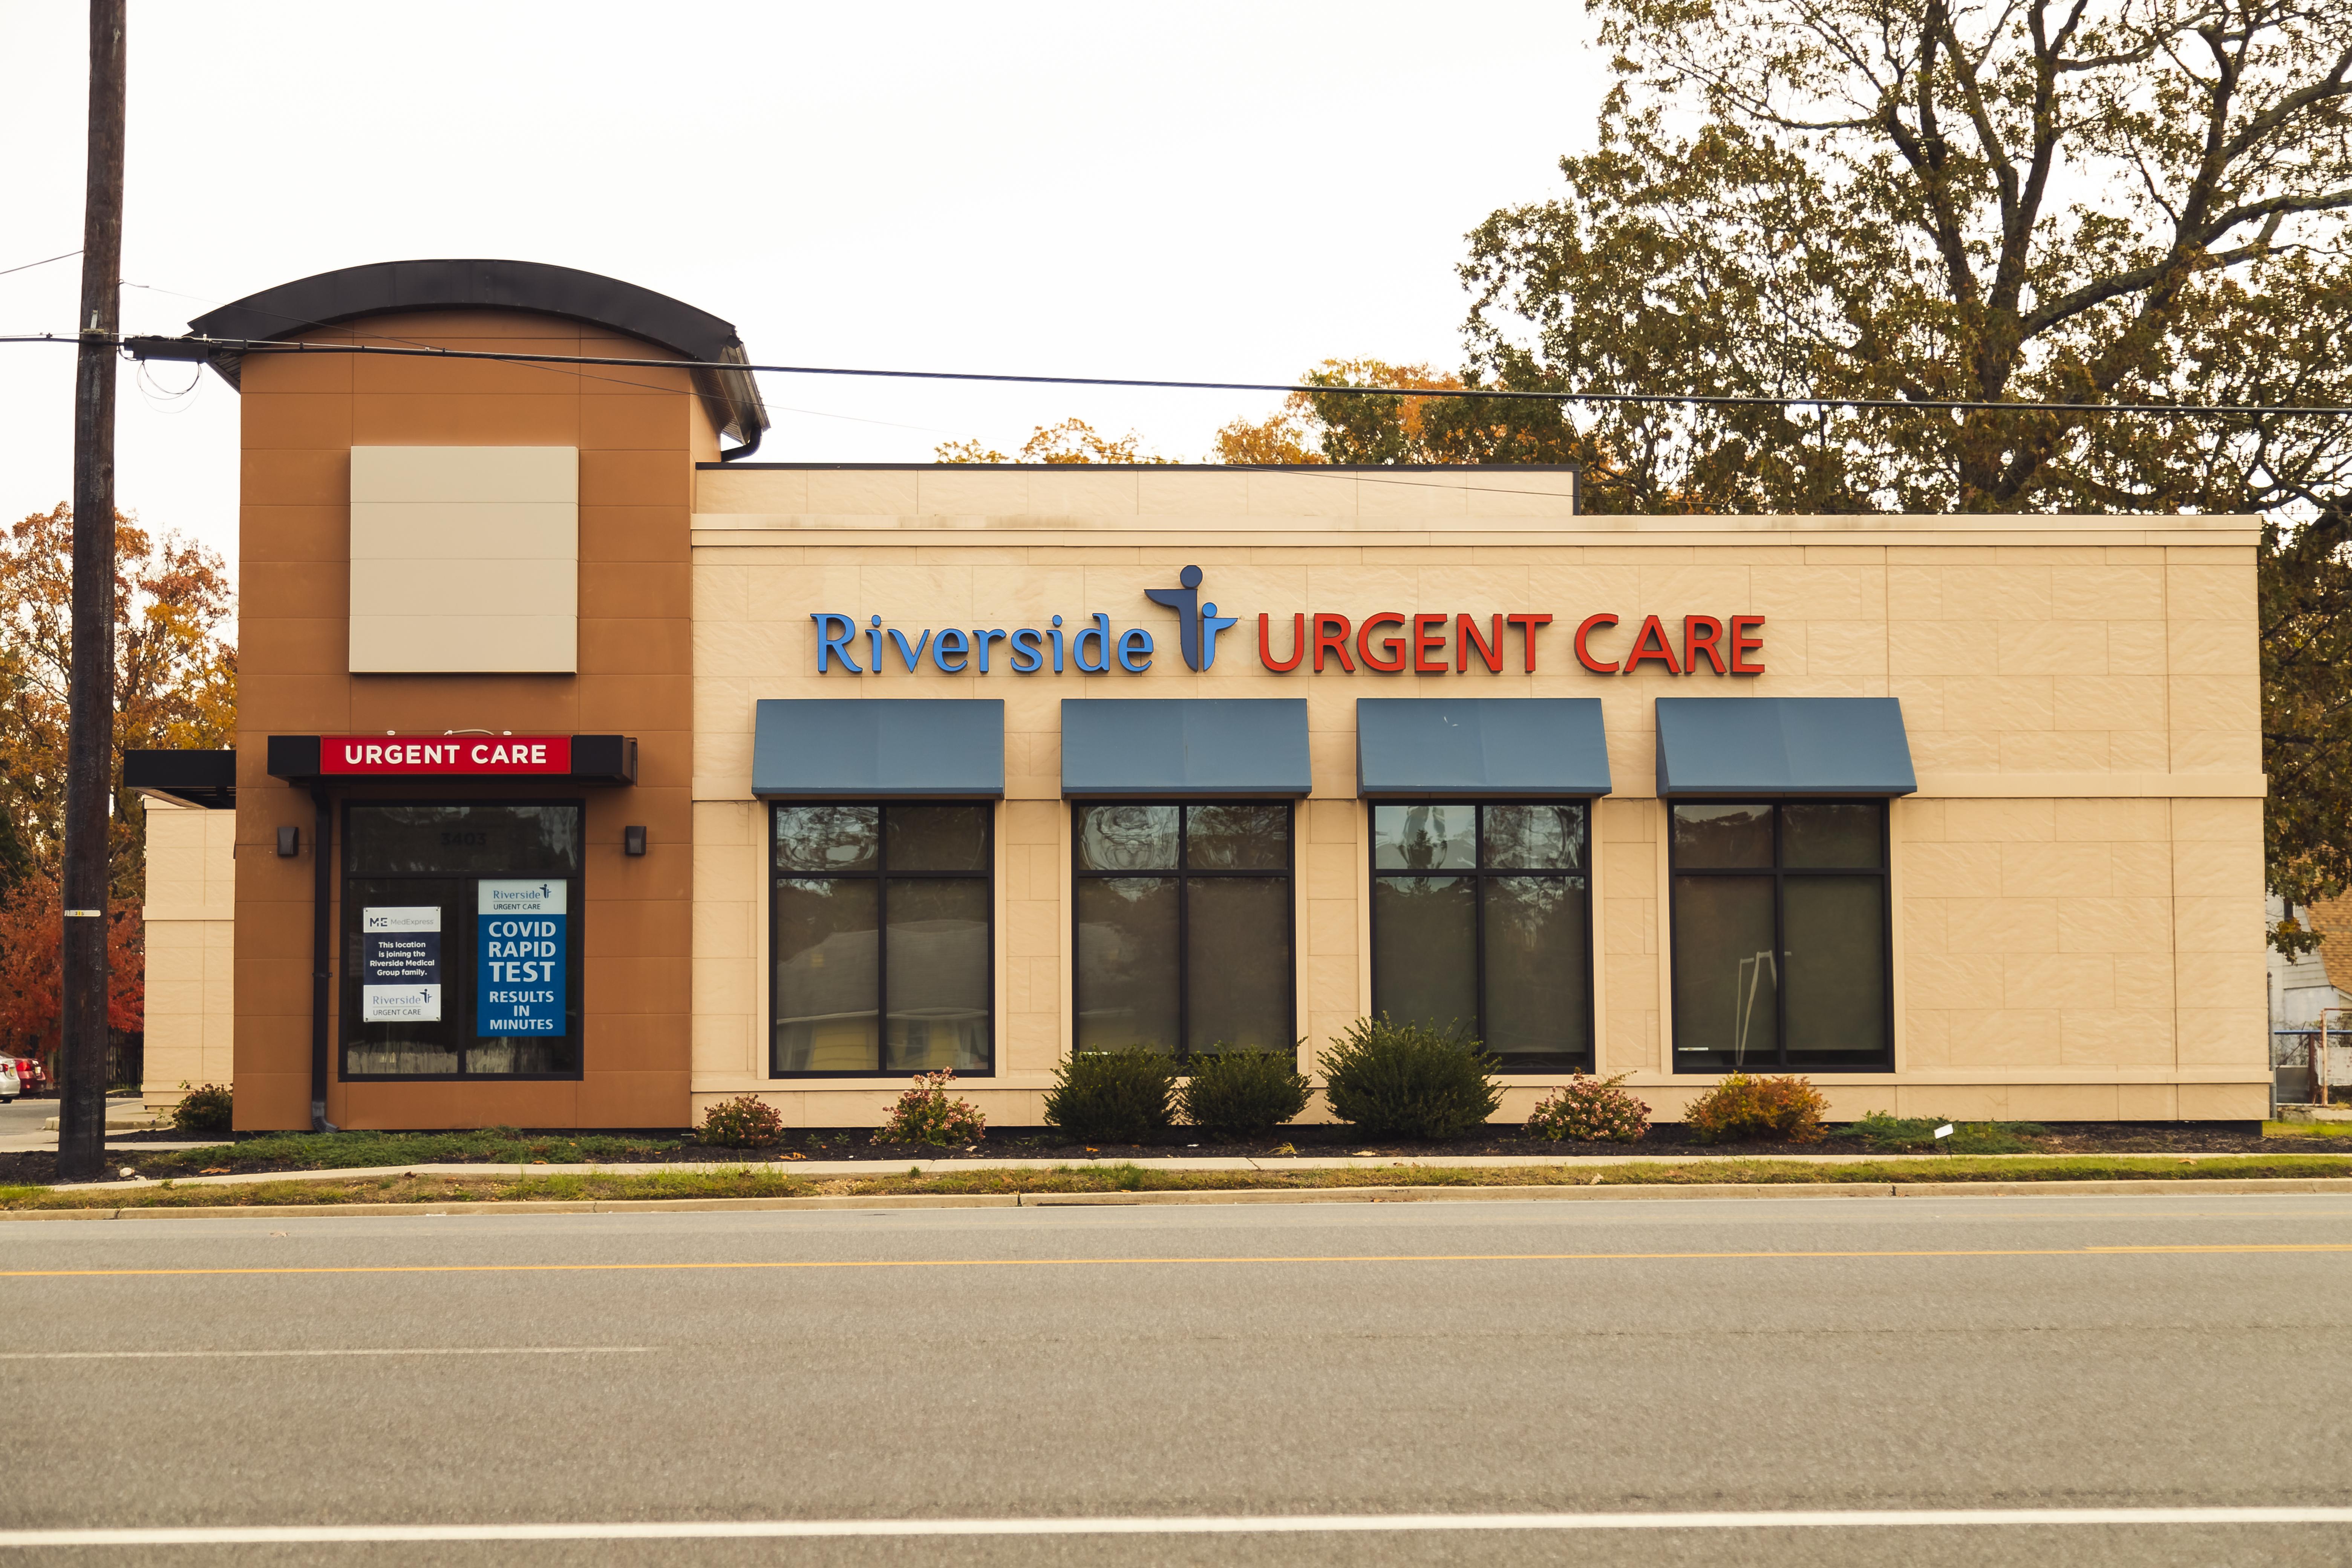 Riverside Urgent Care - Vineland South - Urgent Care Solv in Vineland, NJ